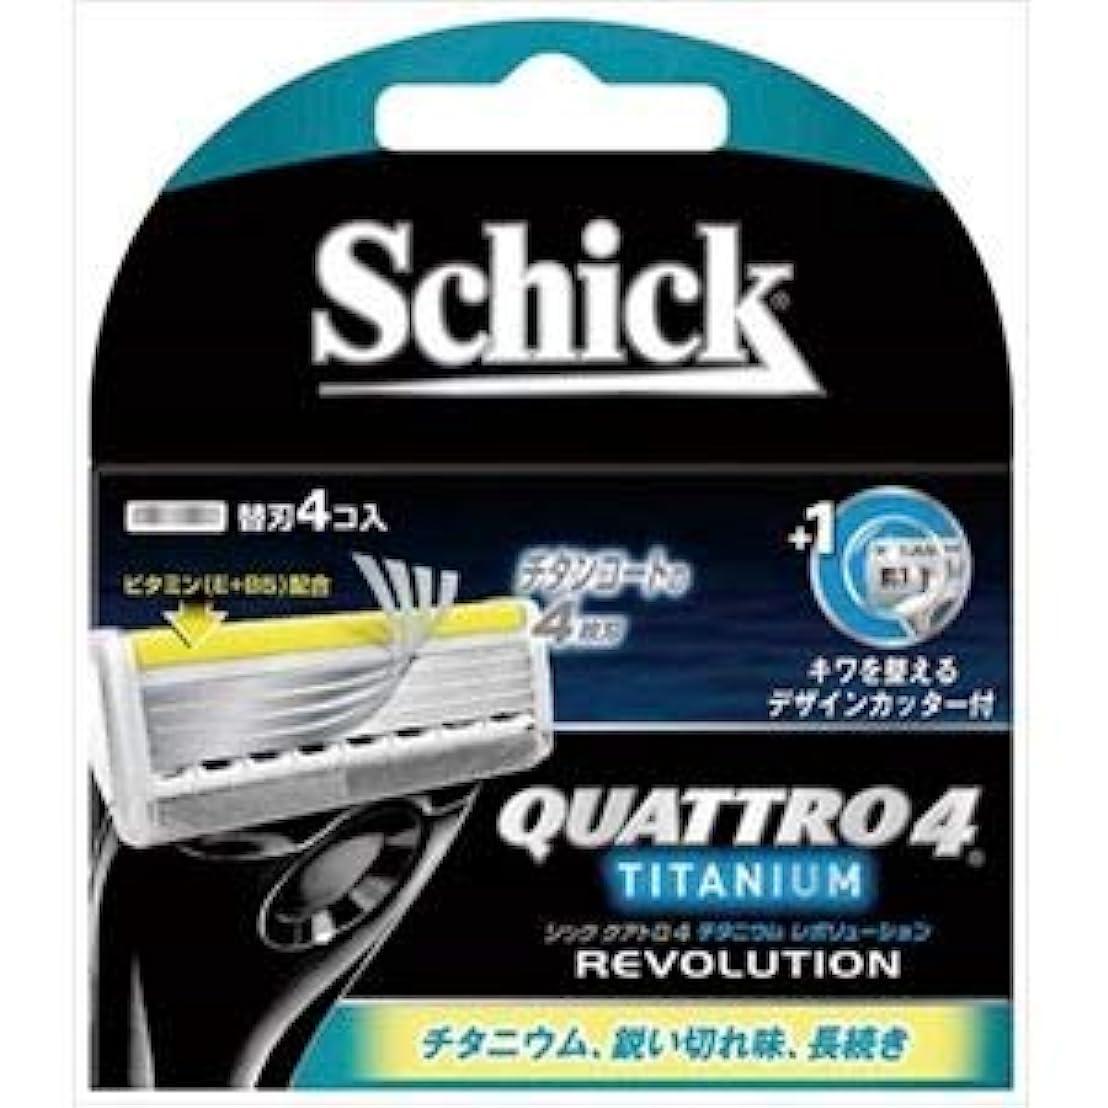 ポルノ放射する経度(まとめ)シック(Schick) クアトロ4チタニウムレボリューション替刃(4コ入) 【×3点セット】